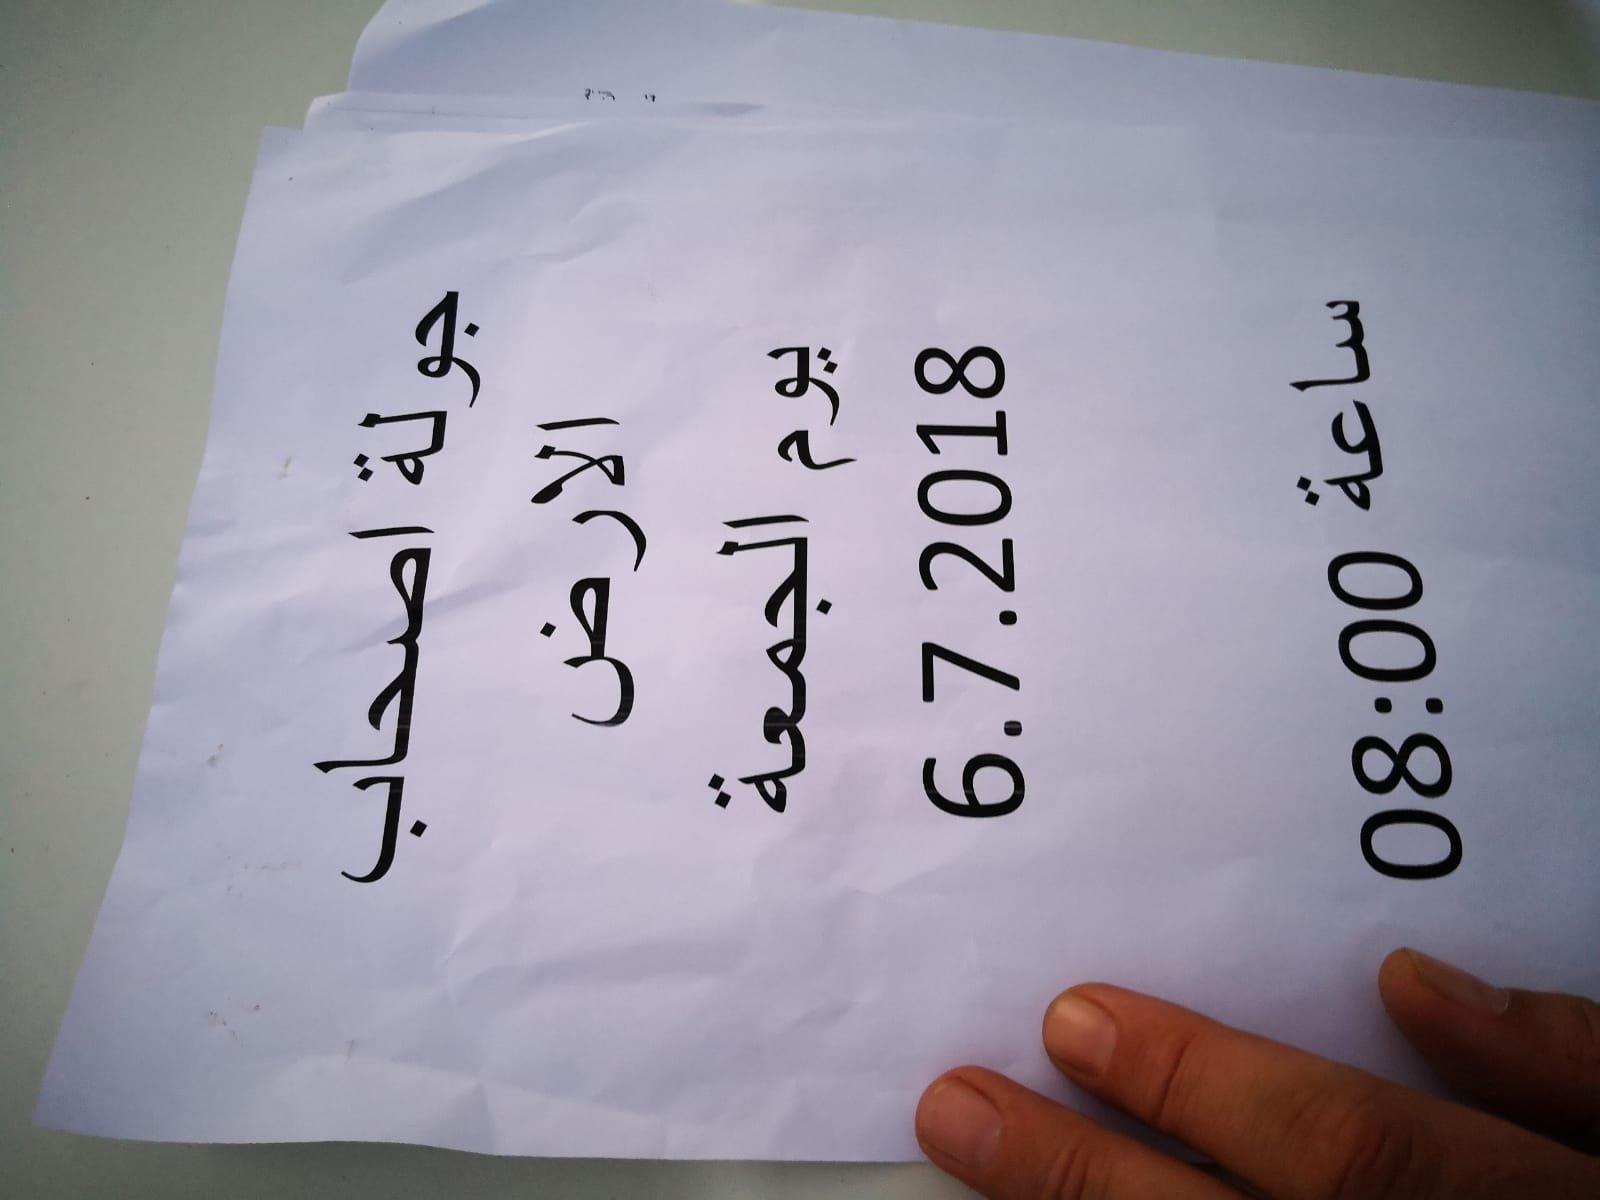 الاحتلال يعلن تجمع الخان الأحمر منطقة عسكرية مغلقة